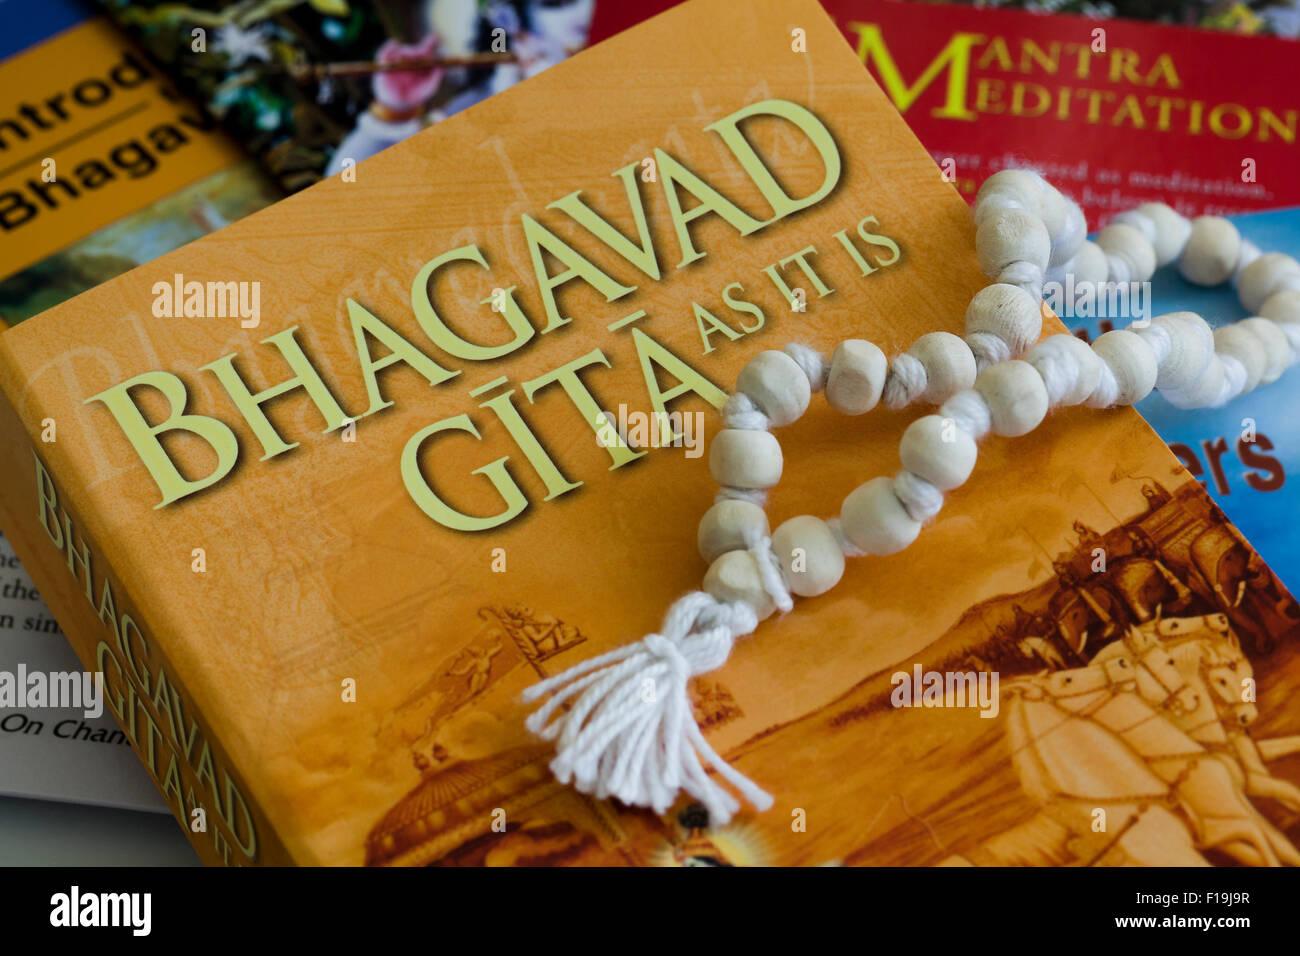 Krishna im Zusammenhang mit Büchern und Meditation Perle Stockbild